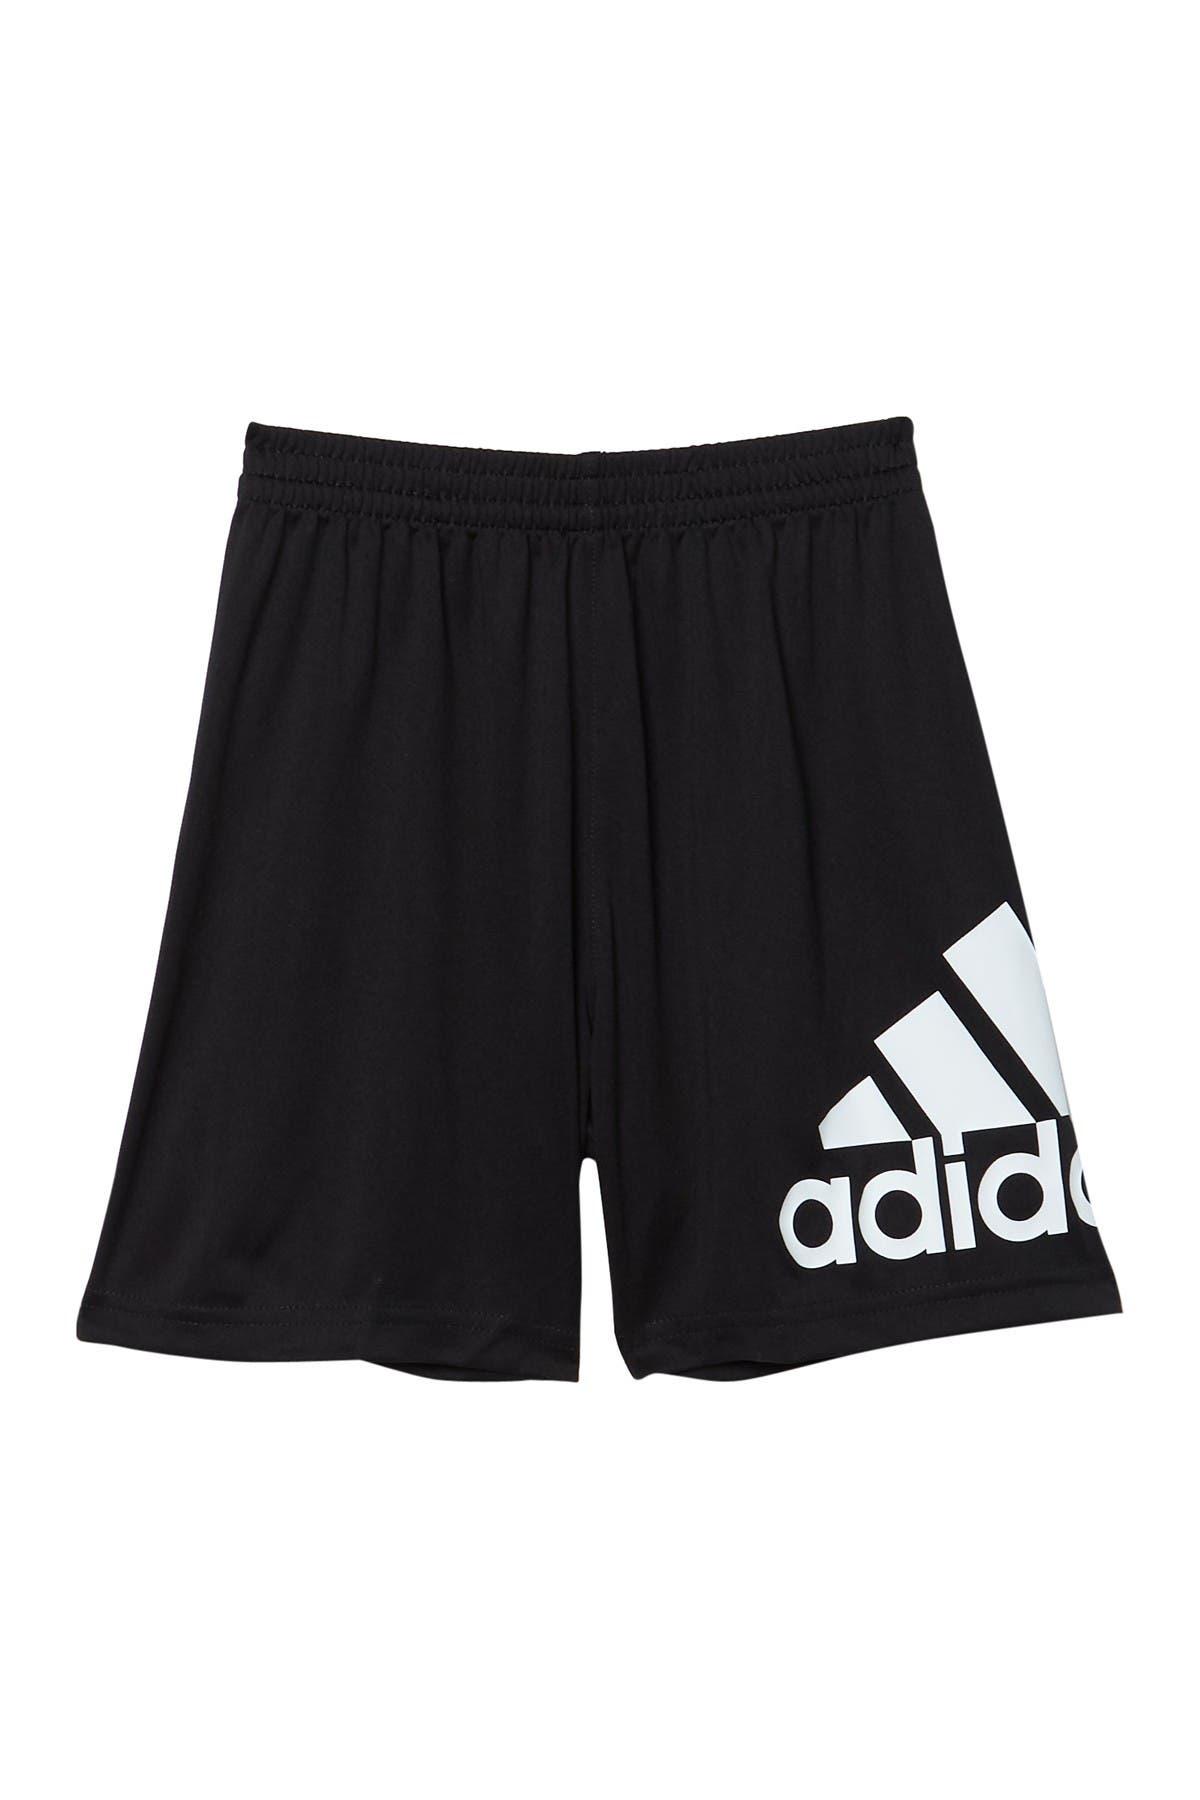 Image of adidas Logo Athletic Shorts